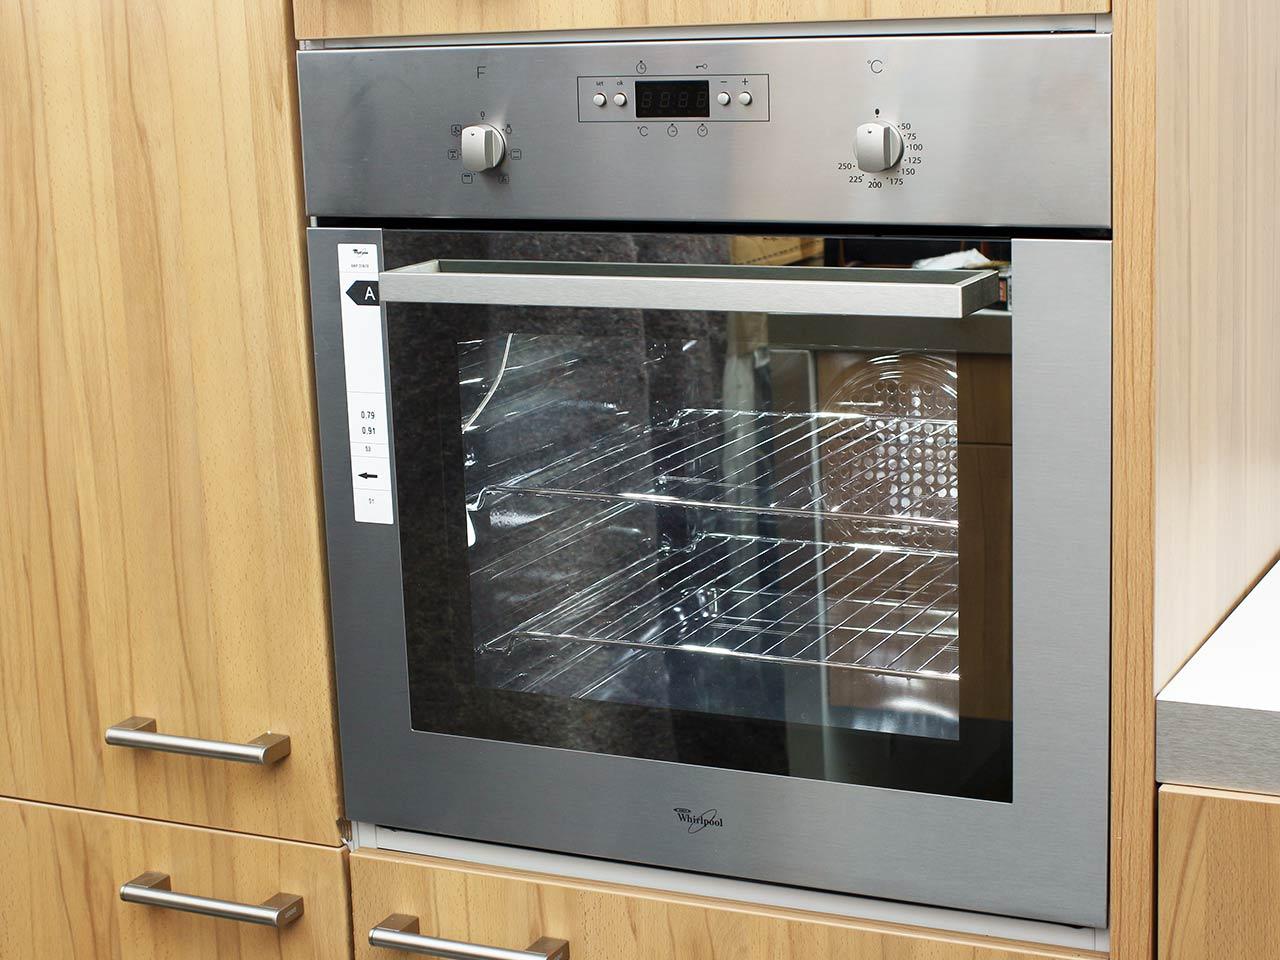 whirlpool akp 318 ix mit 220 v schuko stecker einbau. Black Bedroom Furniture Sets. Home Design Ideas